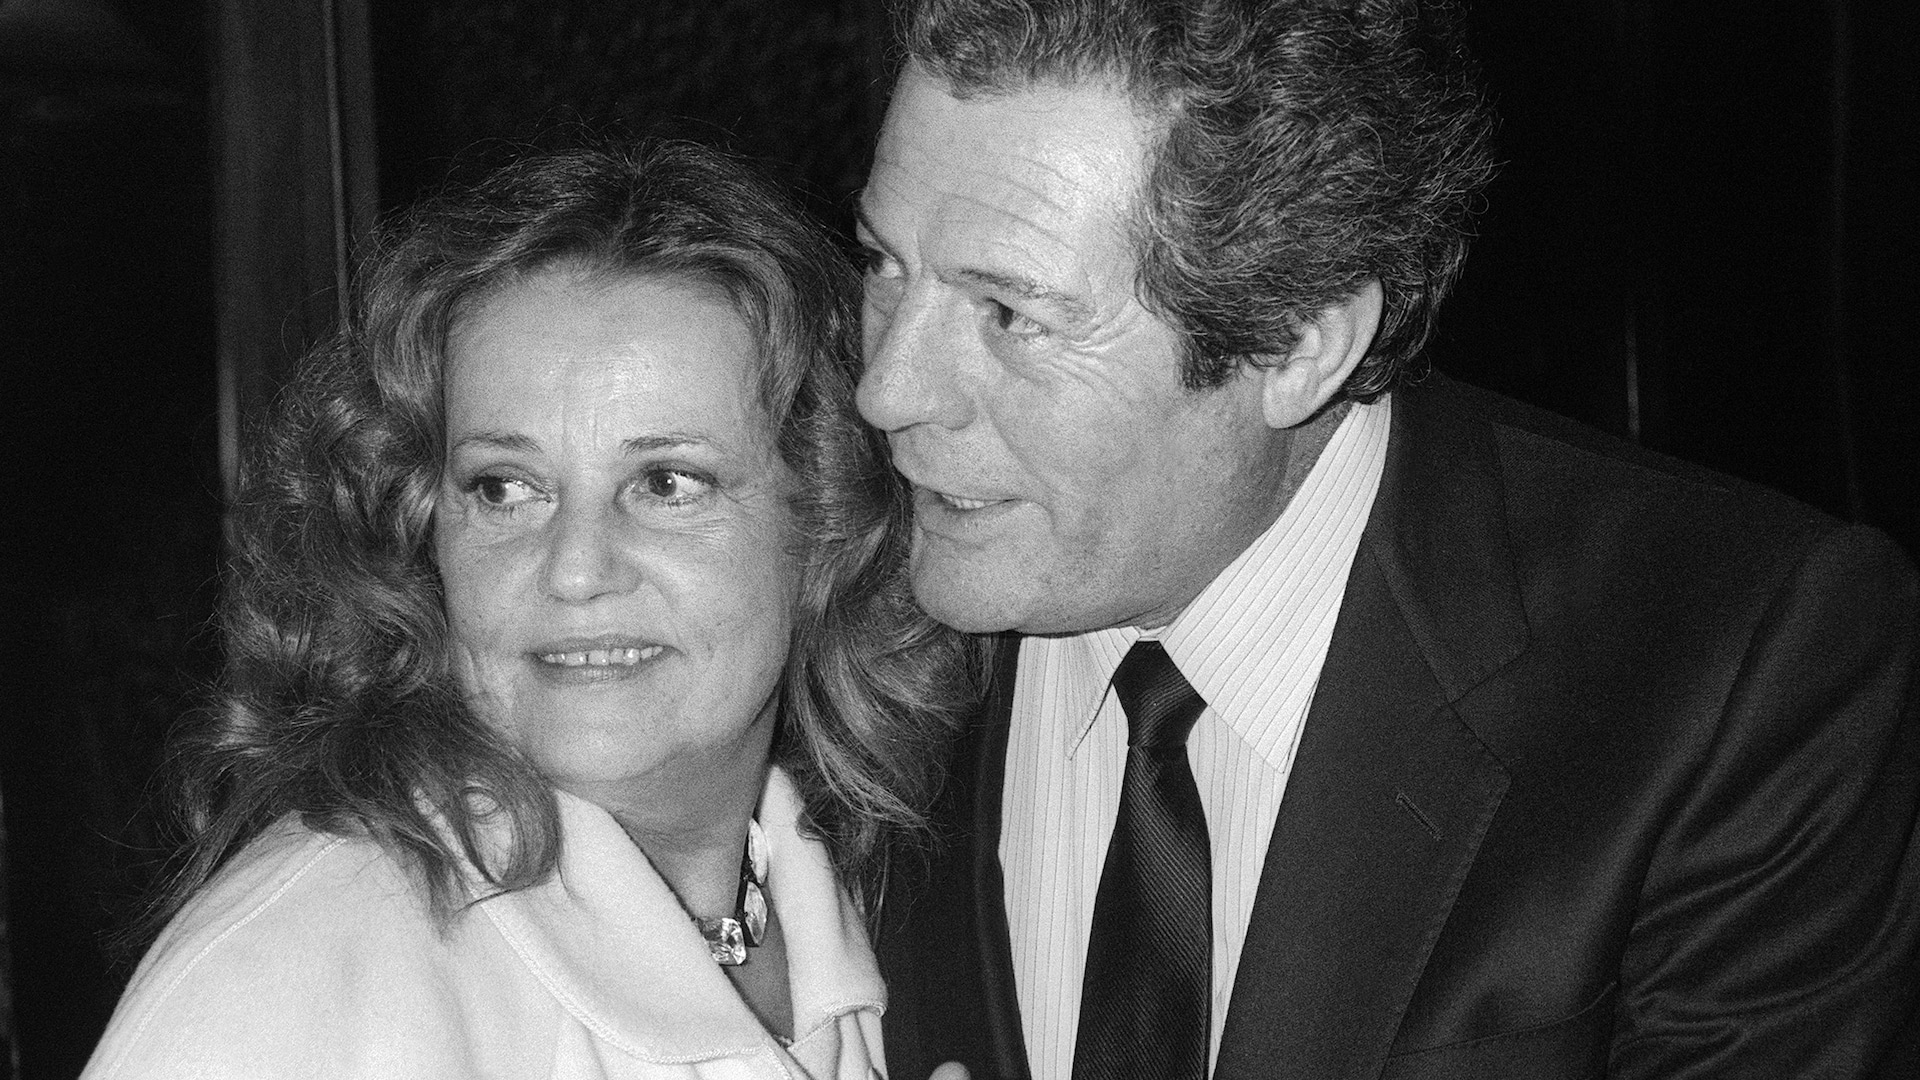 L'actrice française Jeanne Moreau et l'acteur italien Marcello Mastroianni posent ensemble en 1985